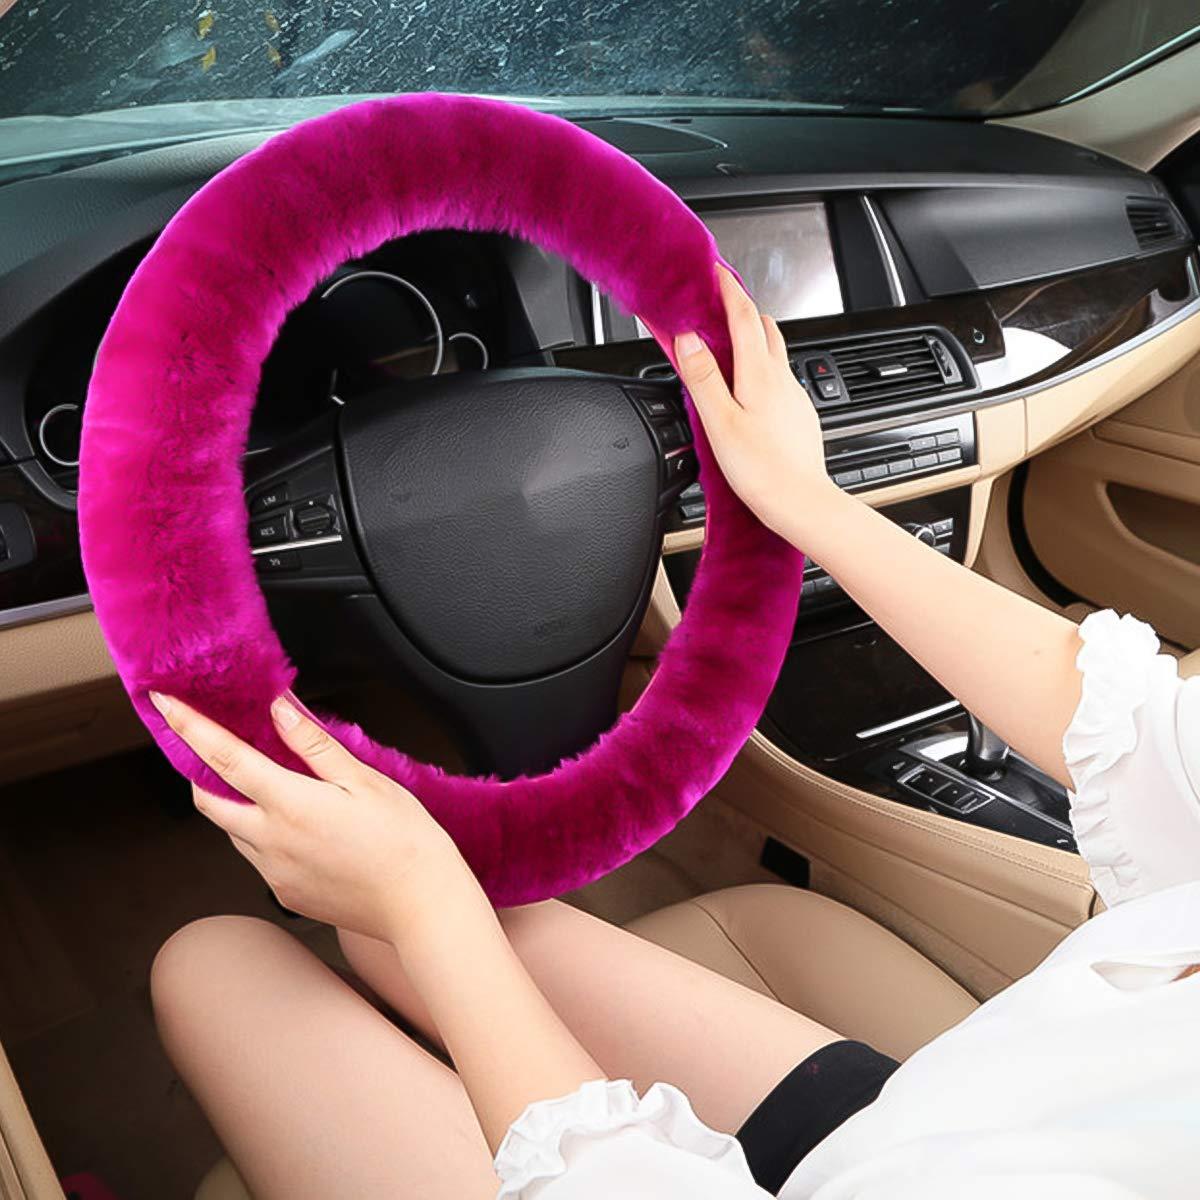 Ergocar Coprivolante per Auto Morbido In Pura Lana Universale Antiscivolo Elastico Invernale Caldo Copertura del Volante per Auto Rosa Fluorescente